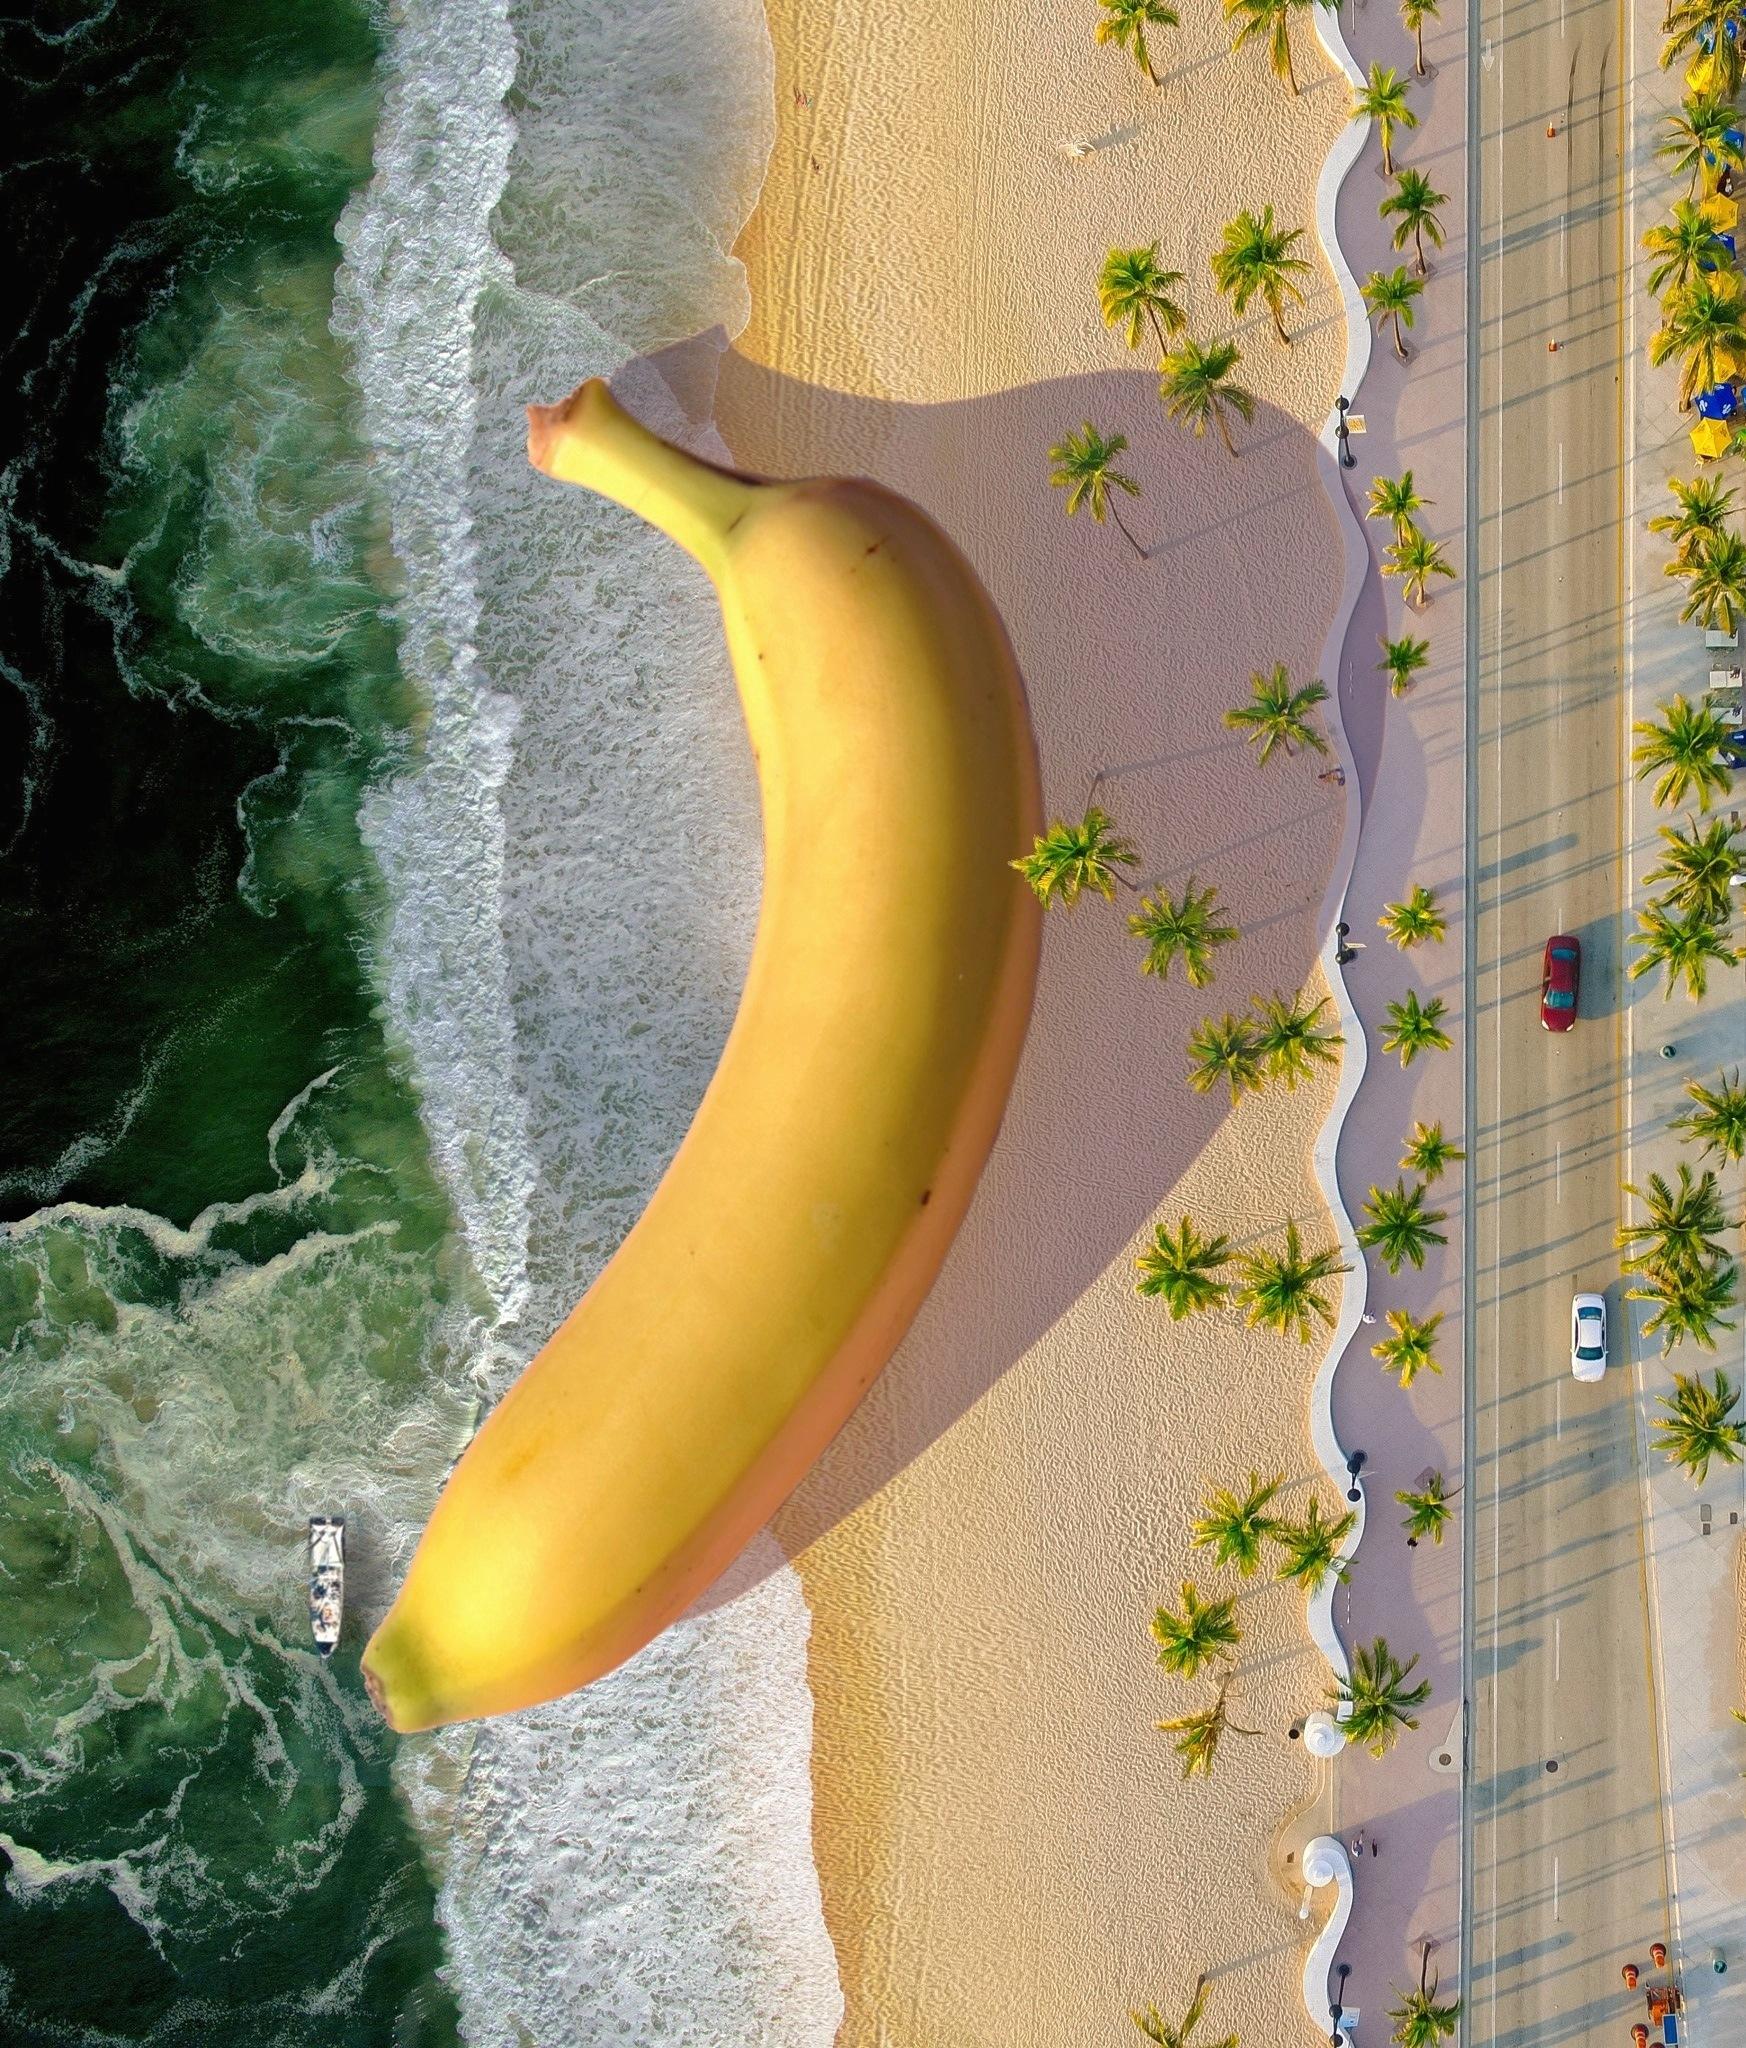 Banana Beach  by SimonScheuerle